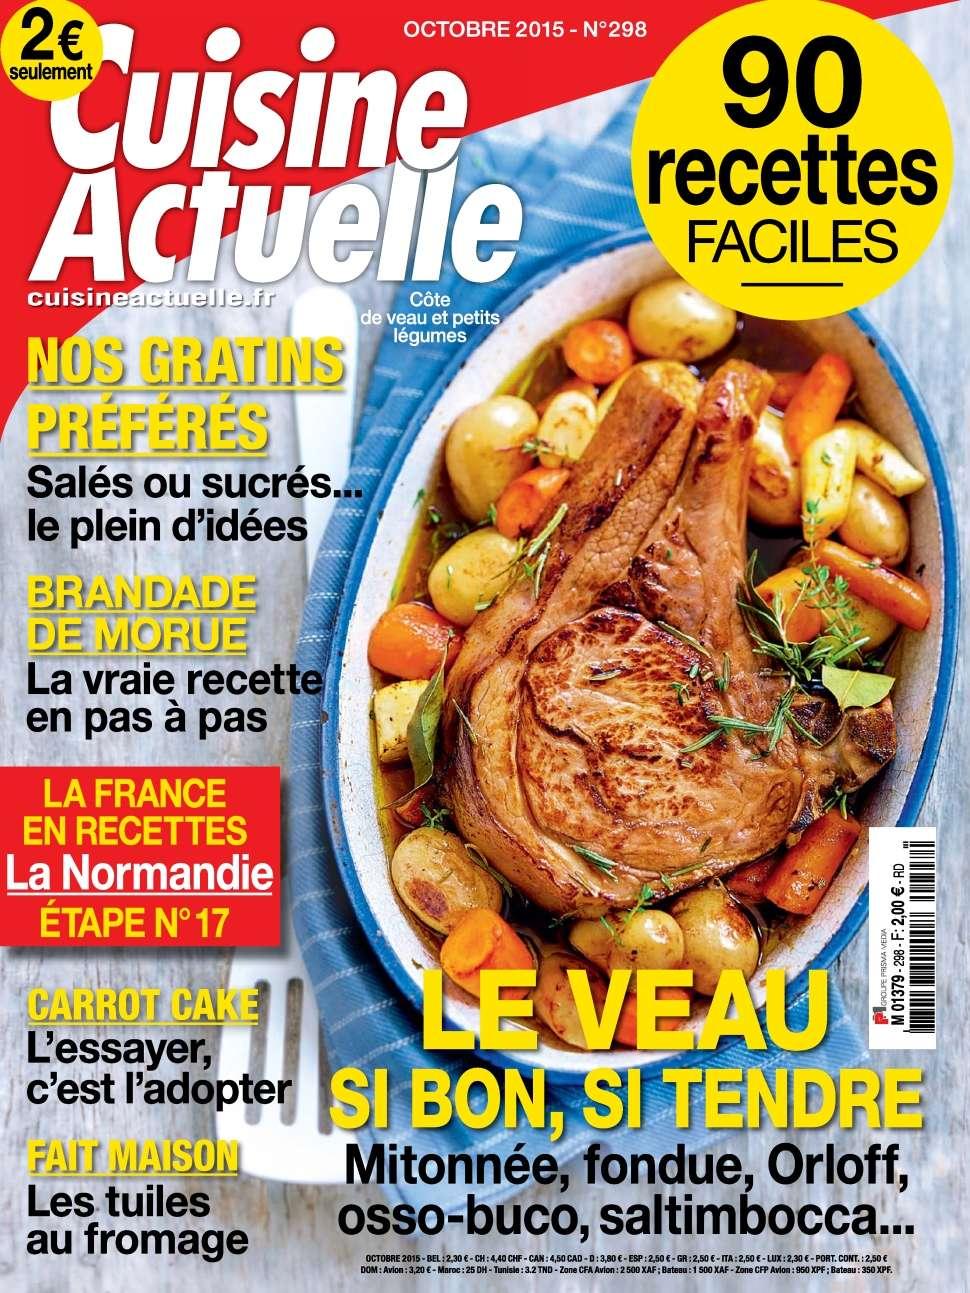 Cuisine Actuelle 298 - Octobre 2015